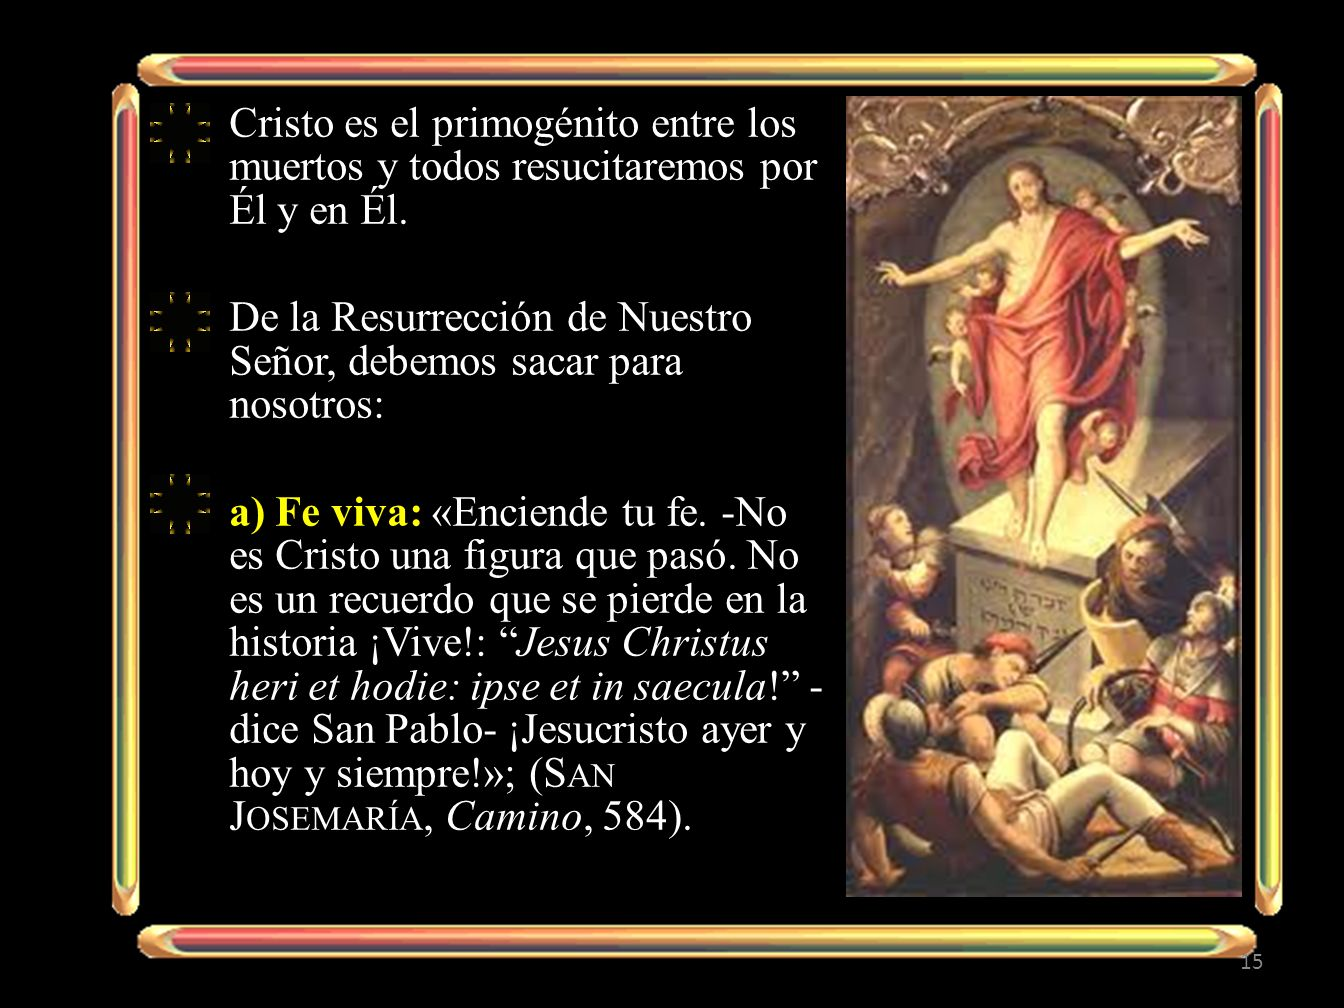 Cristo es el primogénito entre los muertos y todos resucitaremos por Él y en Él. De la Resurrección de Nuestro Señor, debemos sacar para nosotros: a)